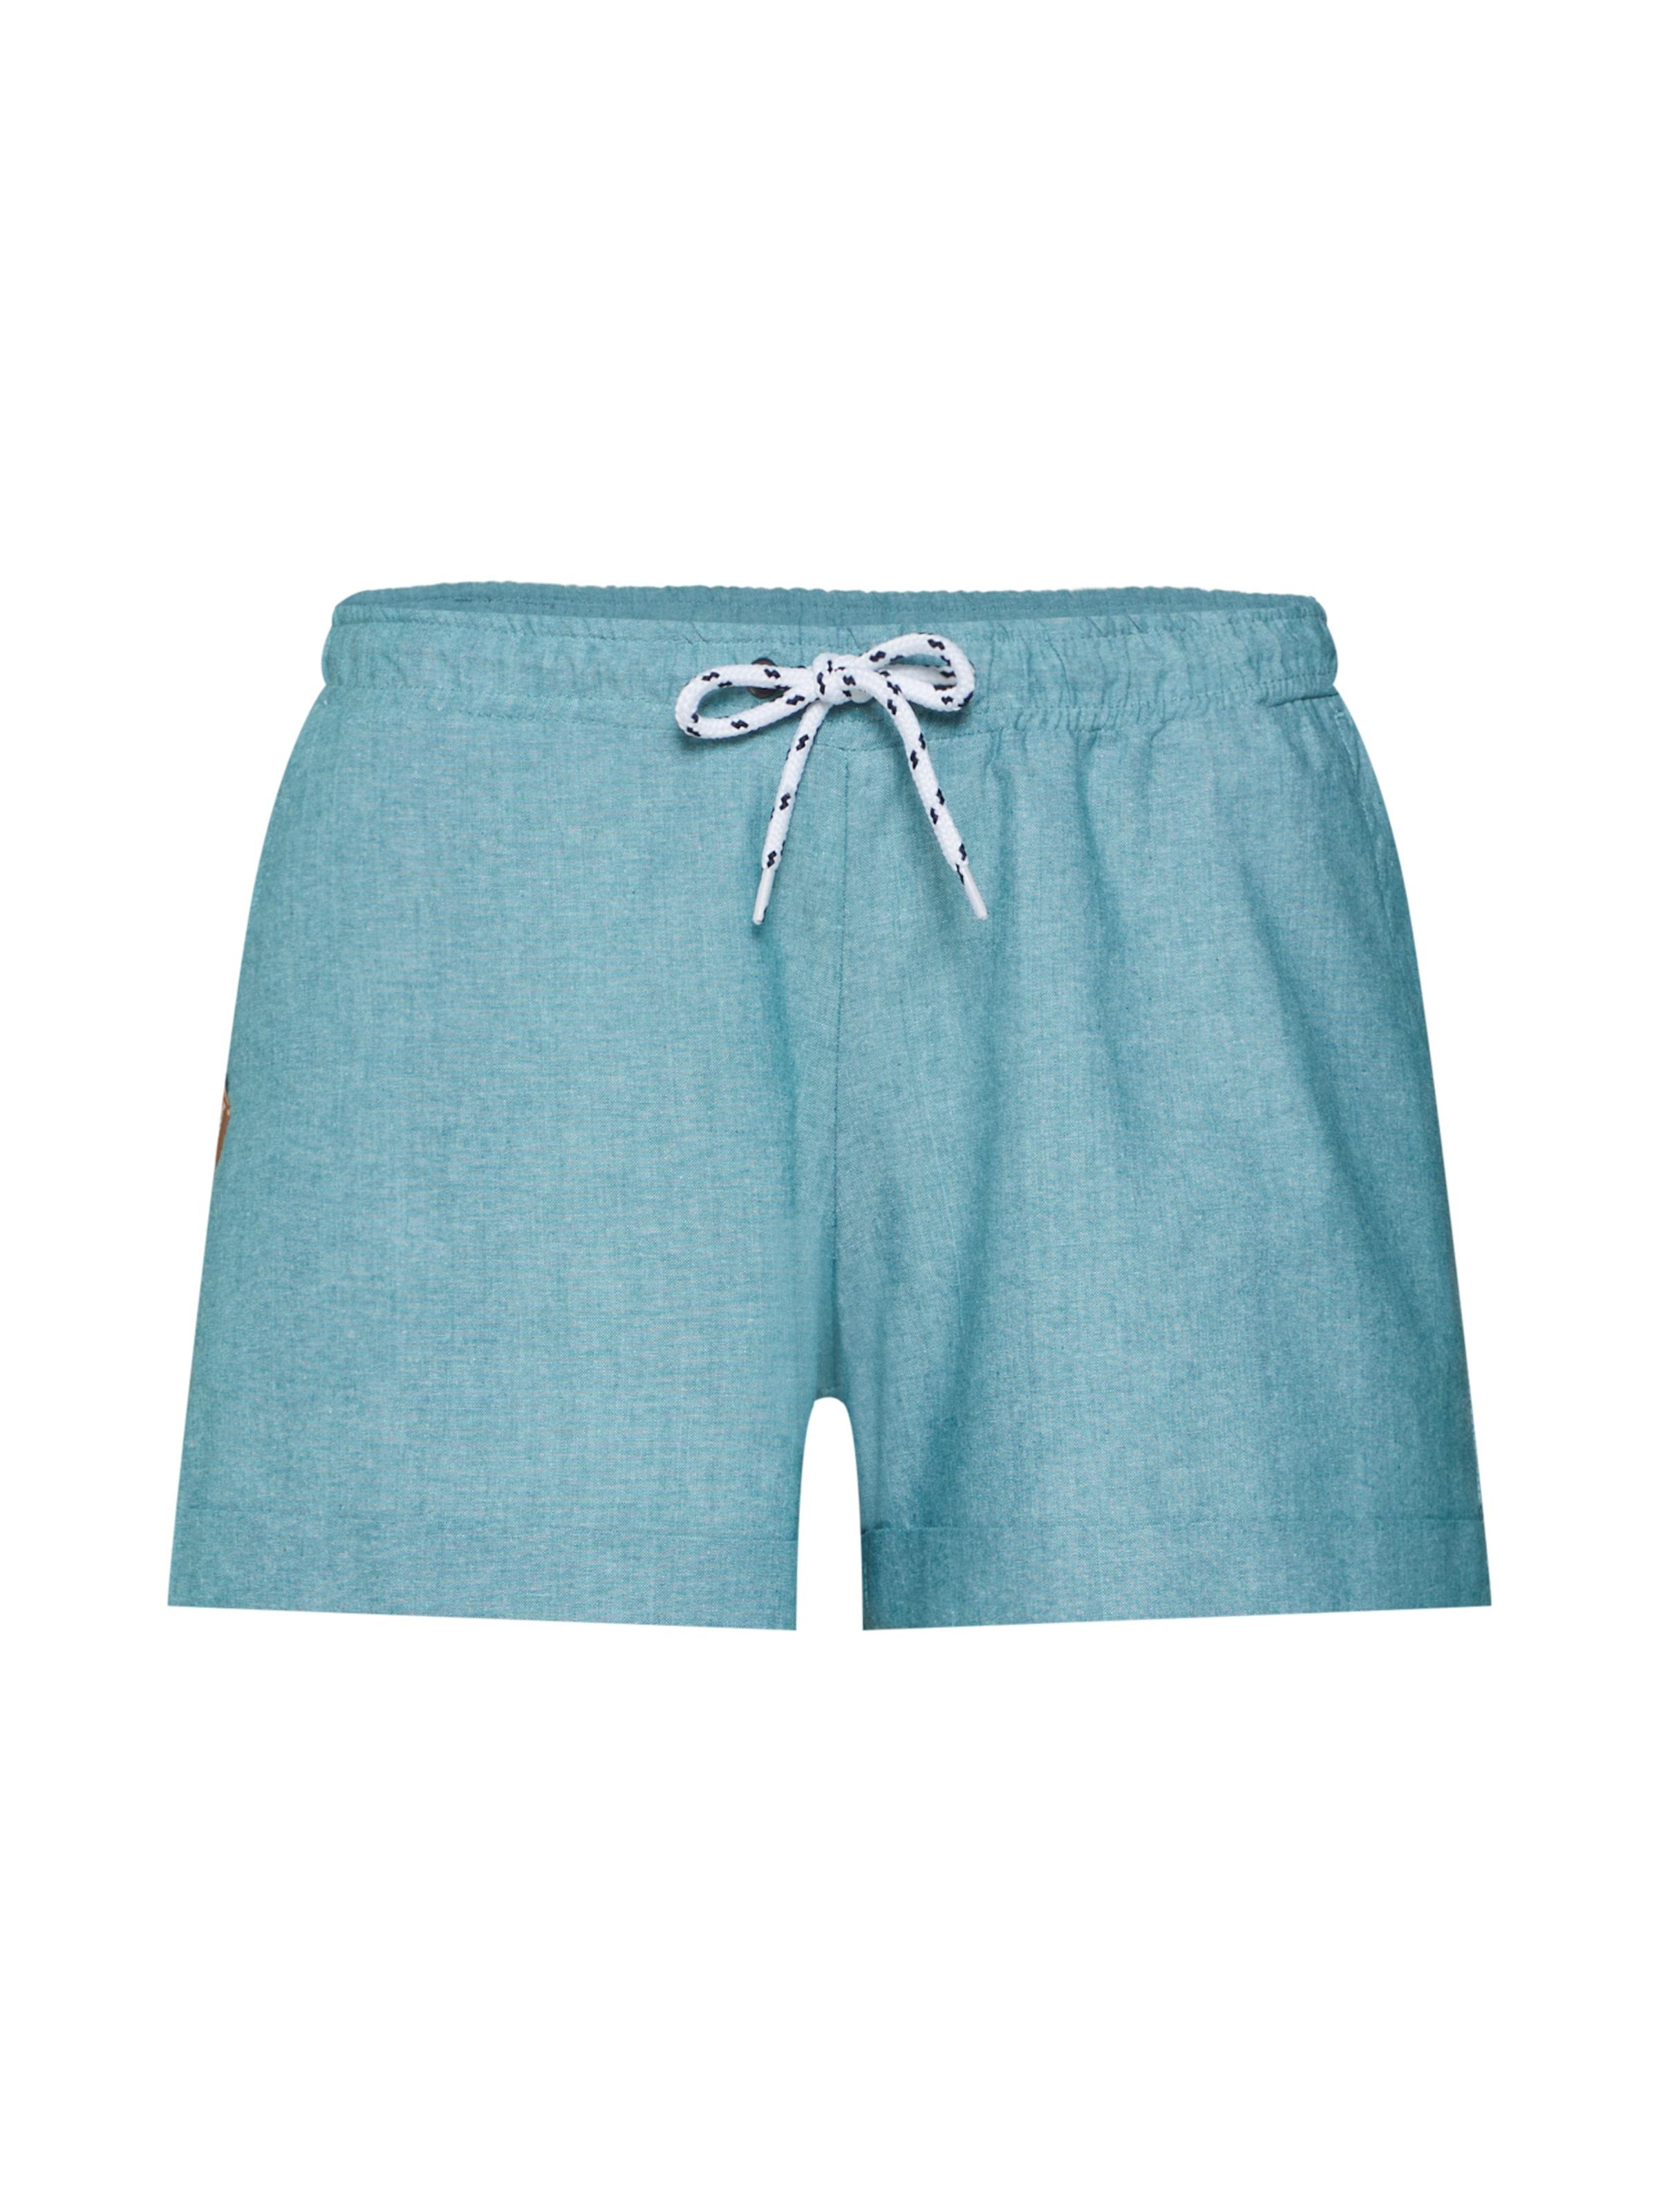 Bleu Bleu Iriedaily Iriedaily Bleu En Pantalon Pantalon En Clair Pantalon Iriedaily En Clair wkn80OP